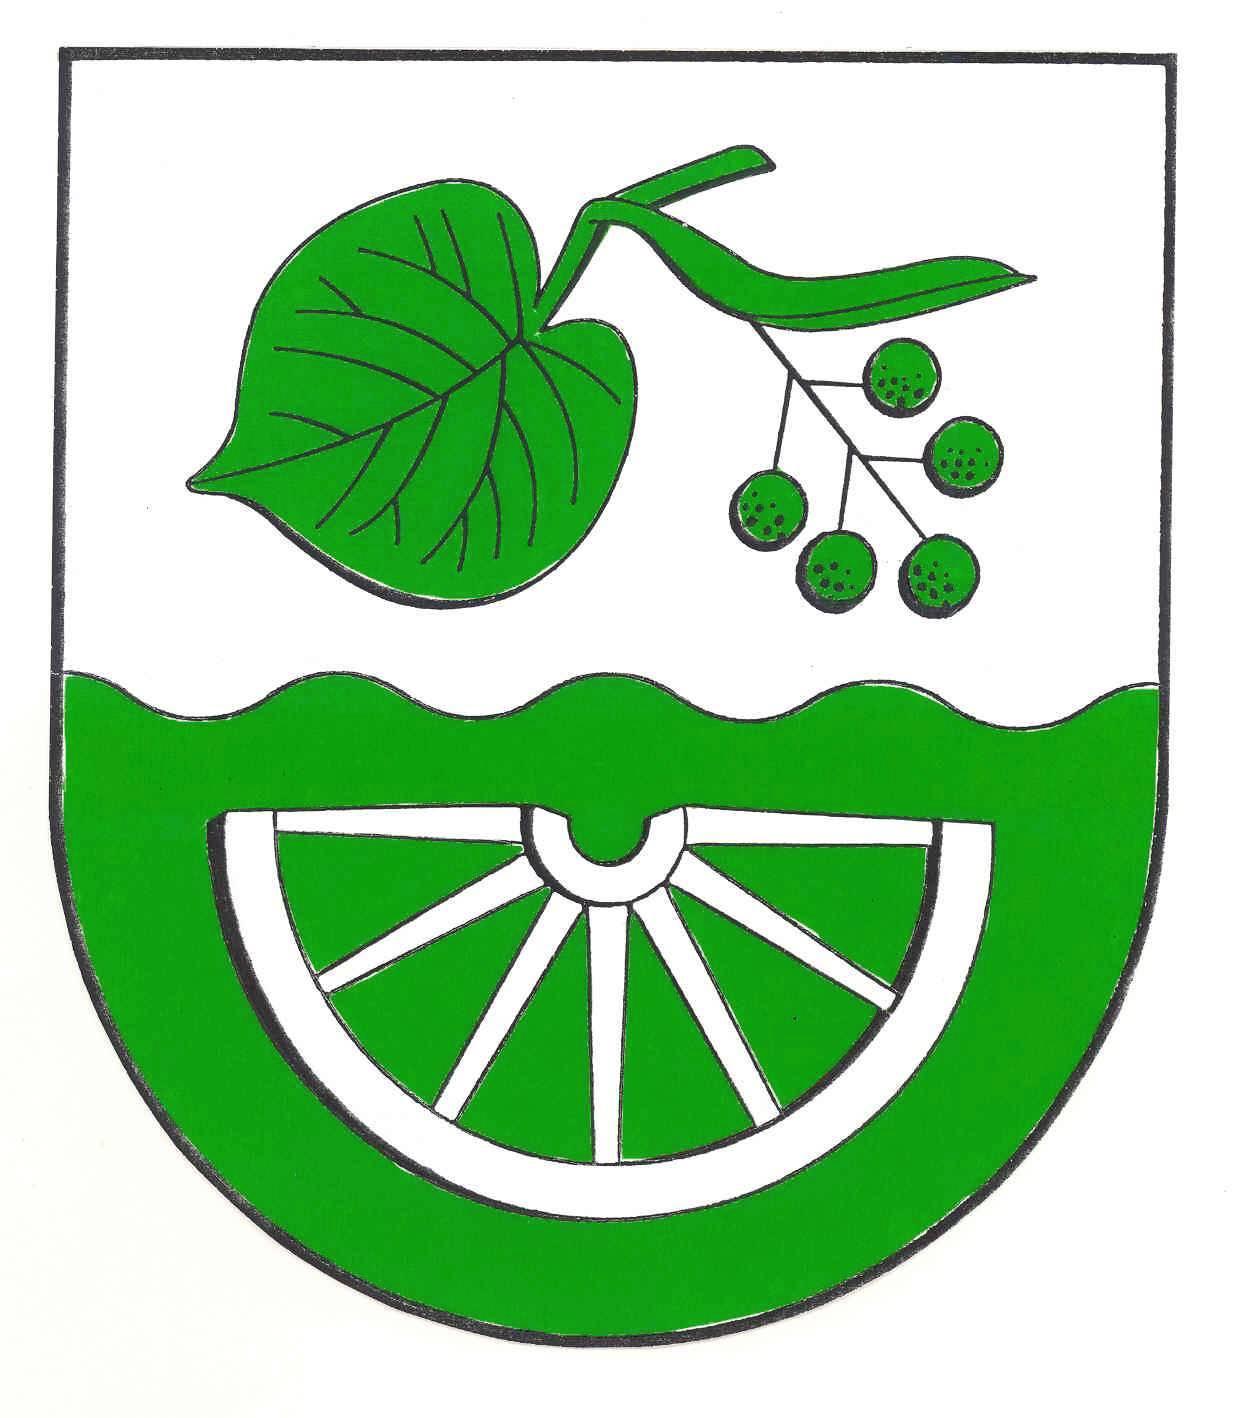 Wappen GemeindeLindewitt, Kreis Schleswig-Flensburg